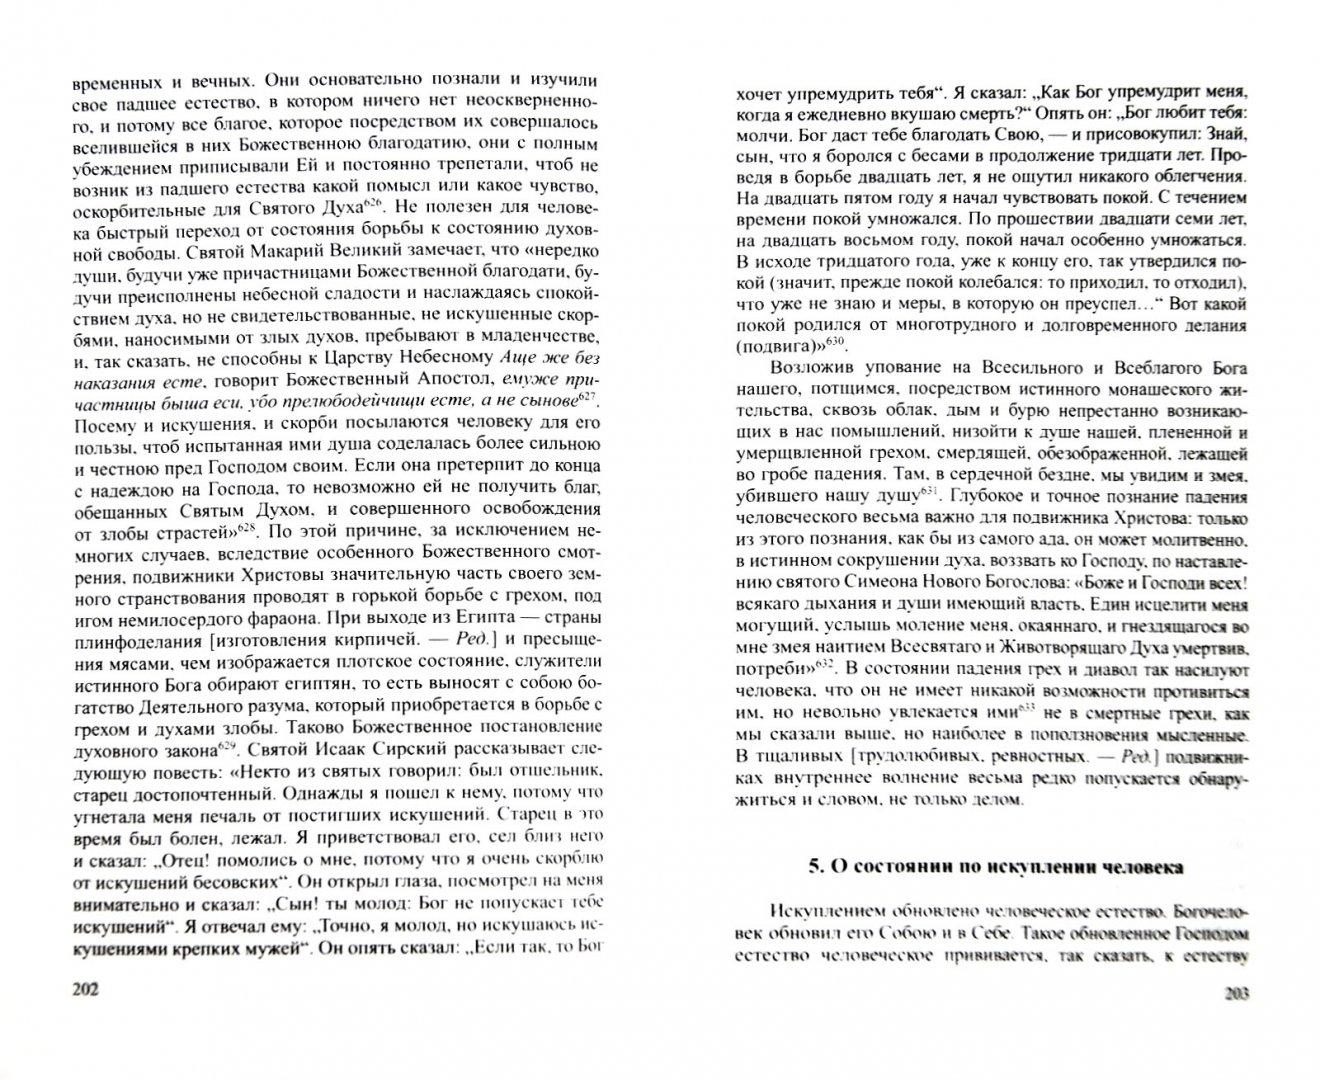 Иллюстрация 1 из 8 для Аскетические опыты. Слово о человеке. Письма - Игнатий Святитель | Лабиринт - книги. Источник: Лабиринт